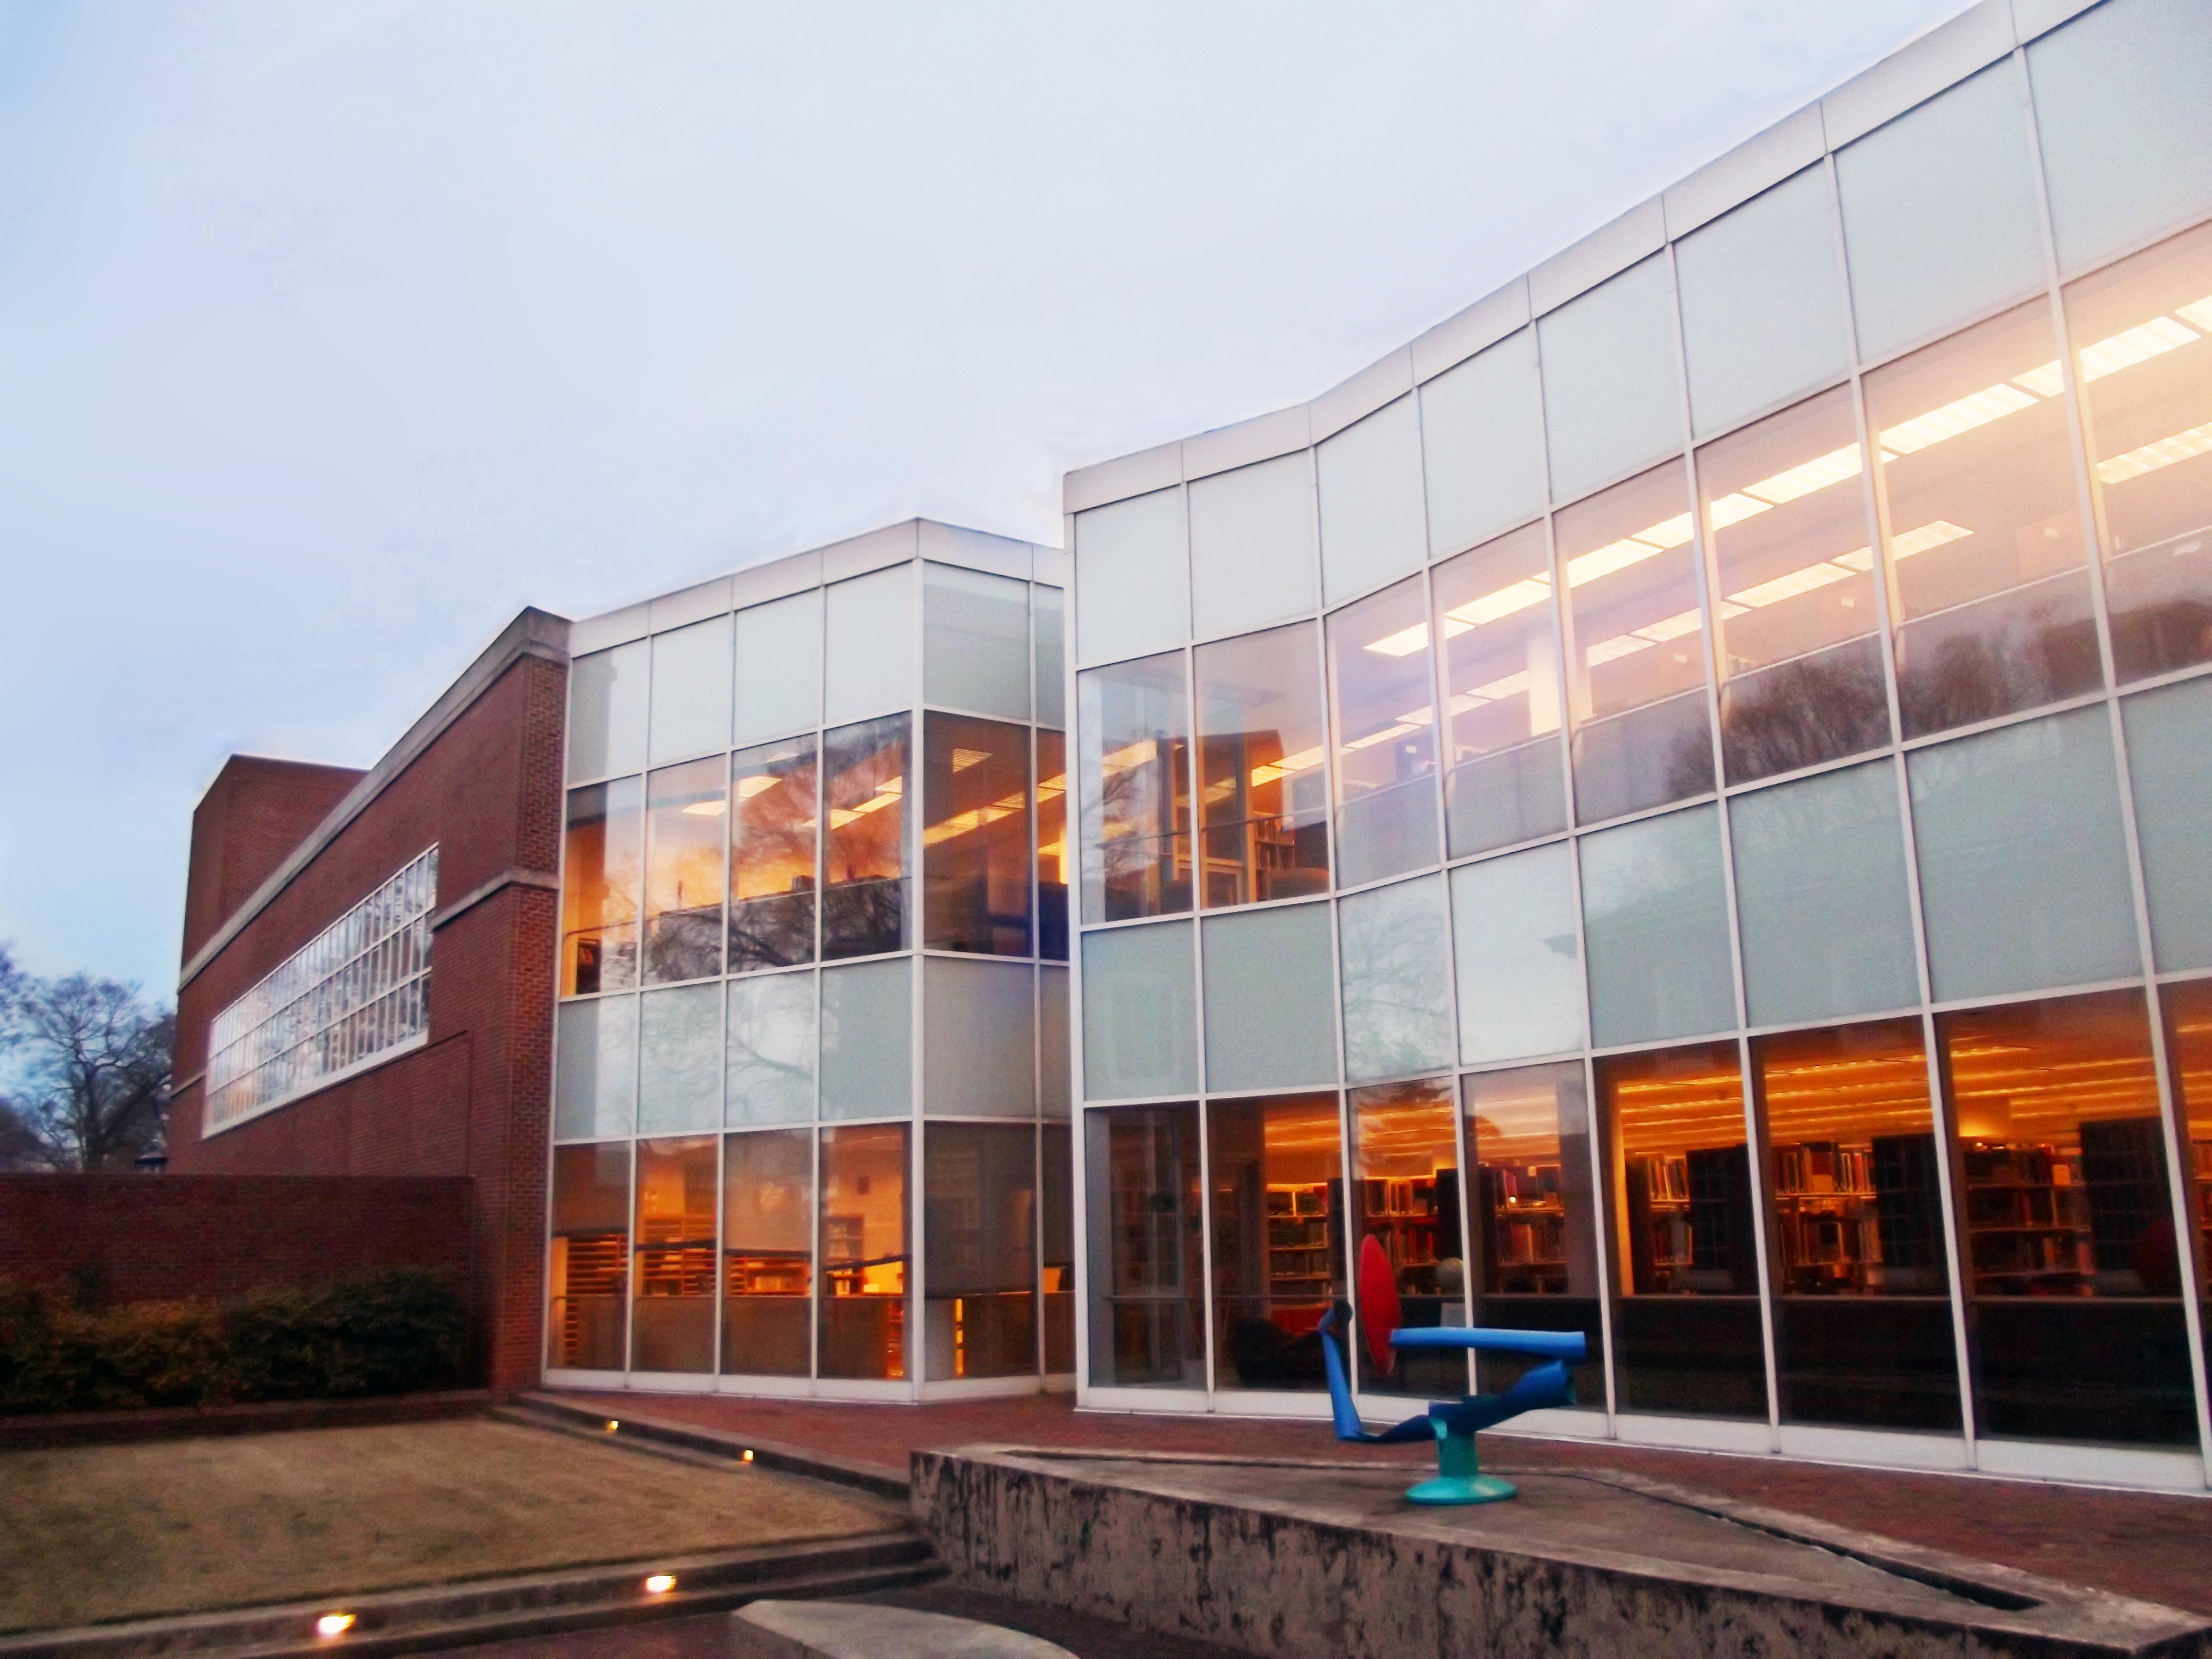 Sloane Art Library